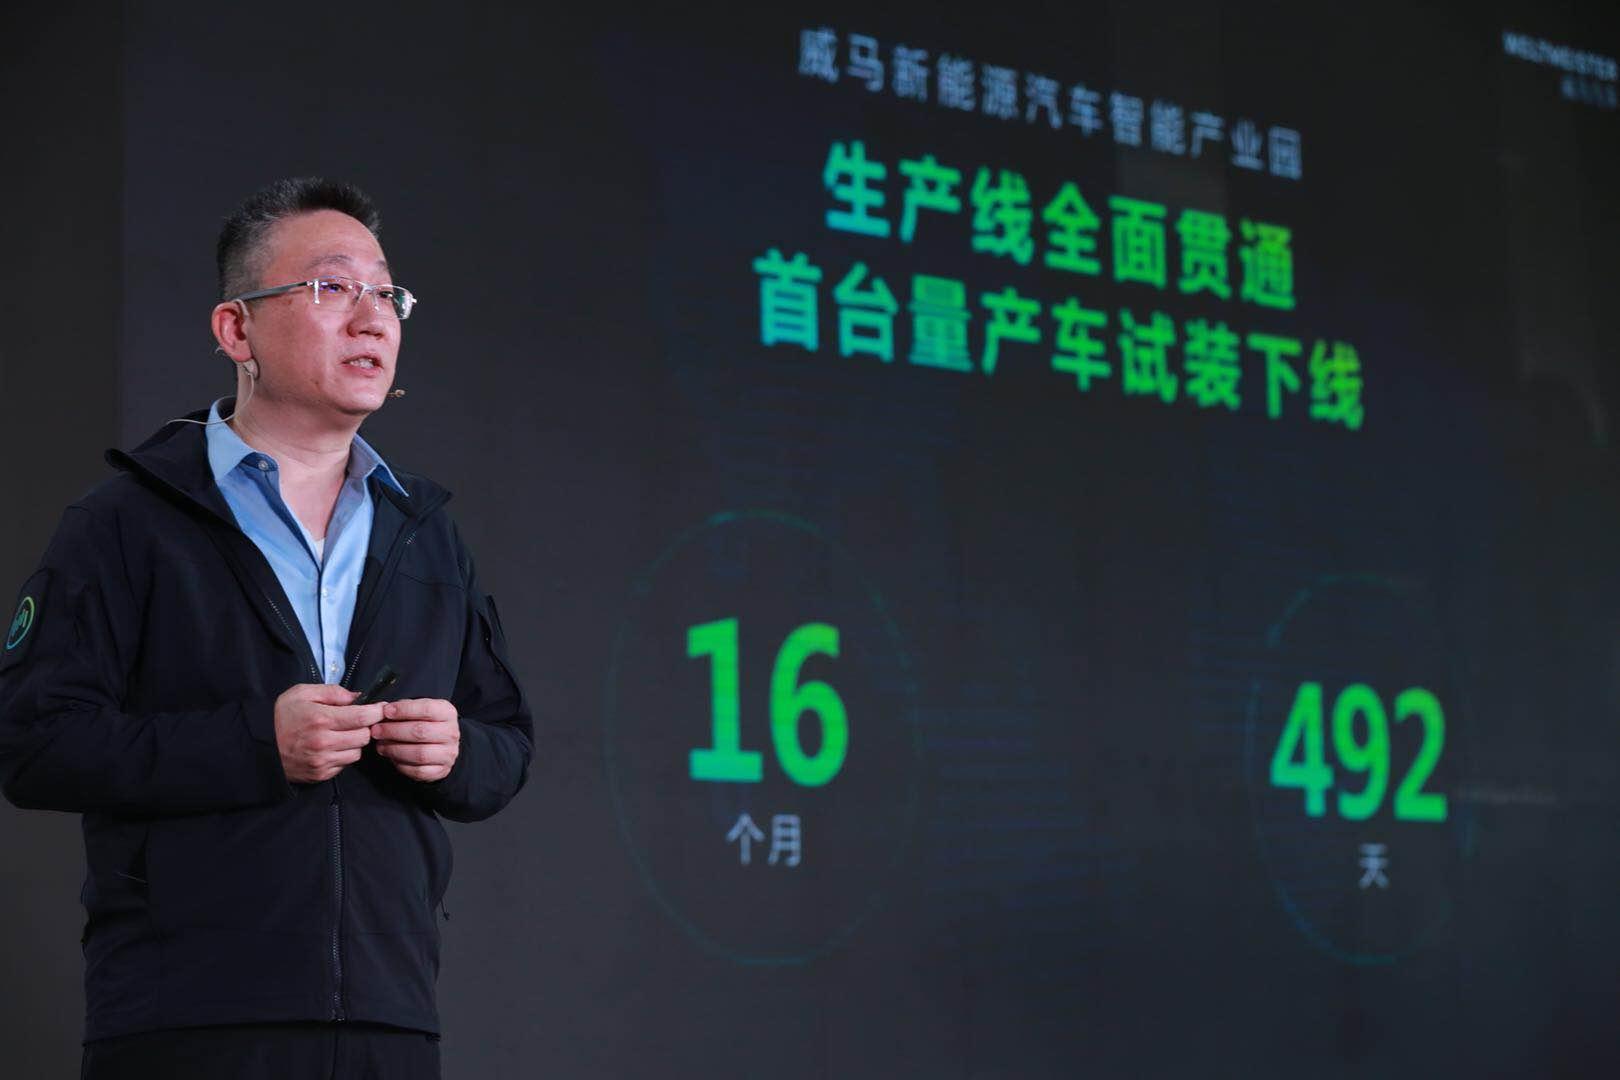 威马汽车创始人、董事长兼CEO沈晖